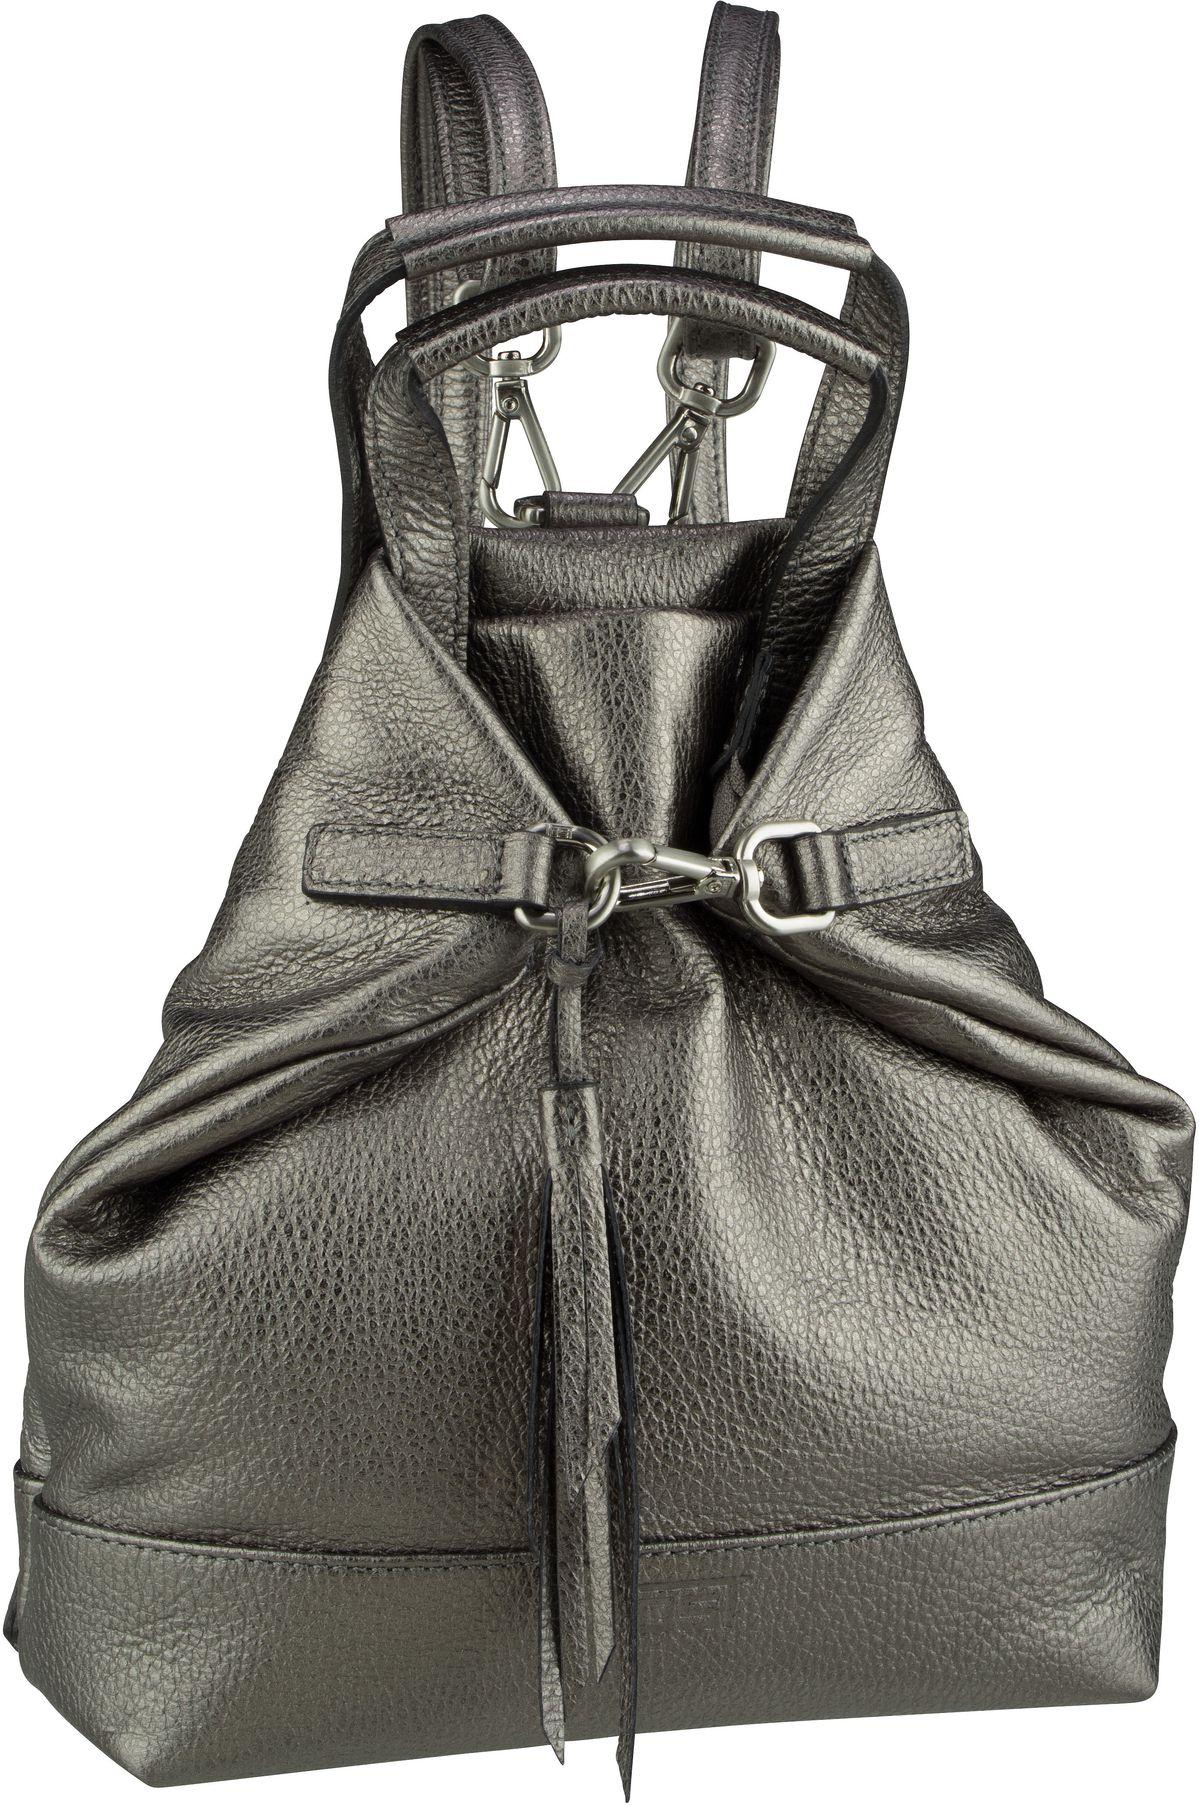 Rucksack / Daypack Vika 1840 x-Change Bag 3in1 Mini Silver